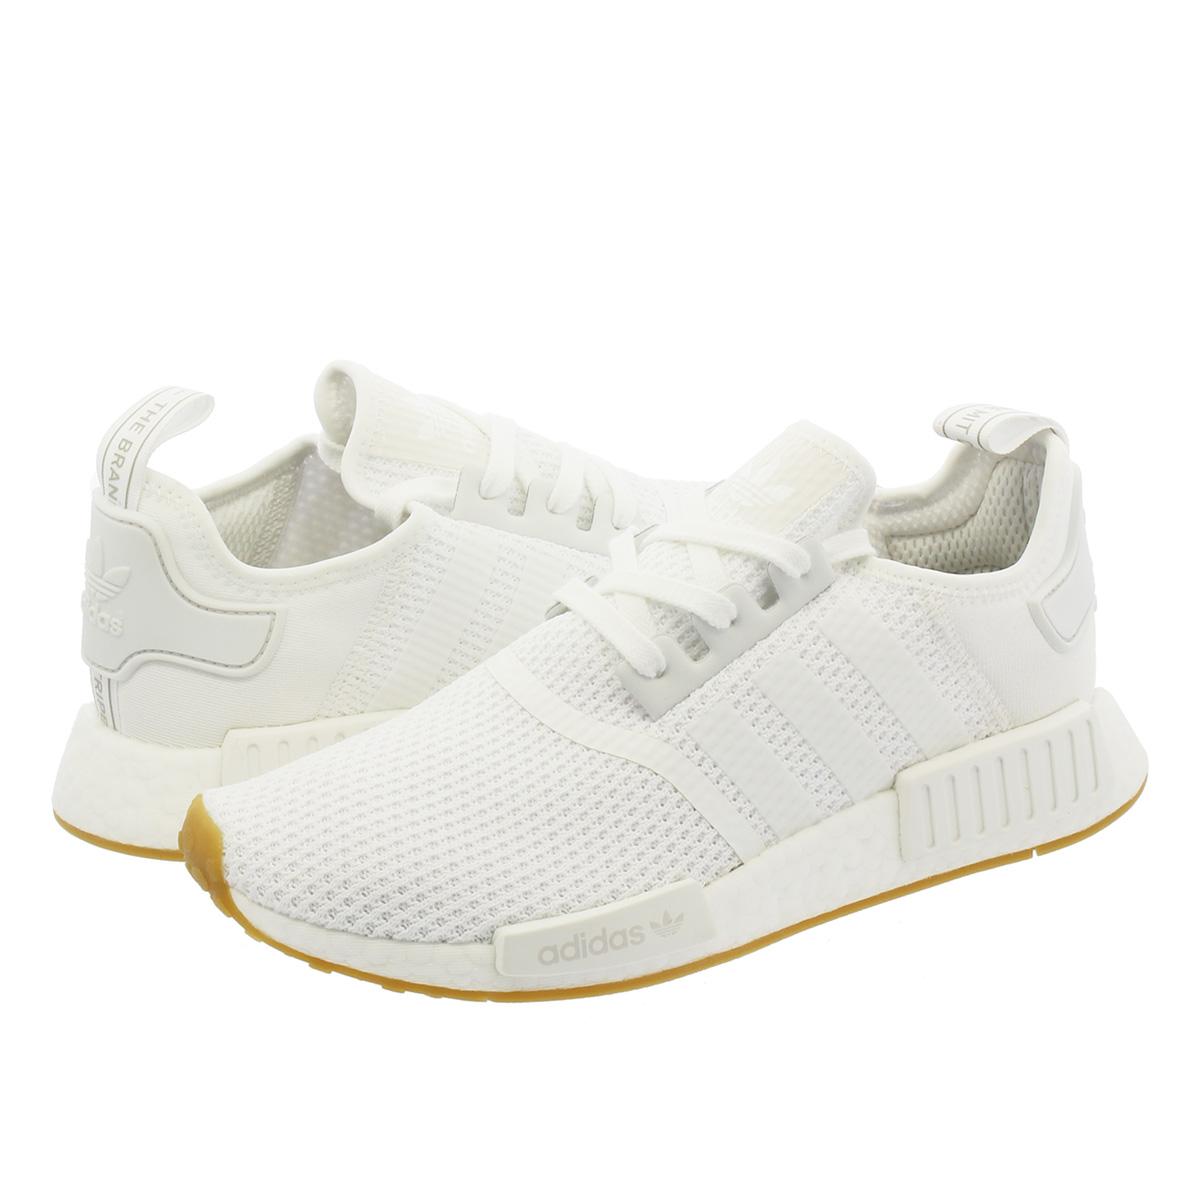 【毎日がお得!値下げプライス】 adidas NMD_R1 【adidas Originals】 アディダス ノマド R1 WHITE/WHITE/GUM